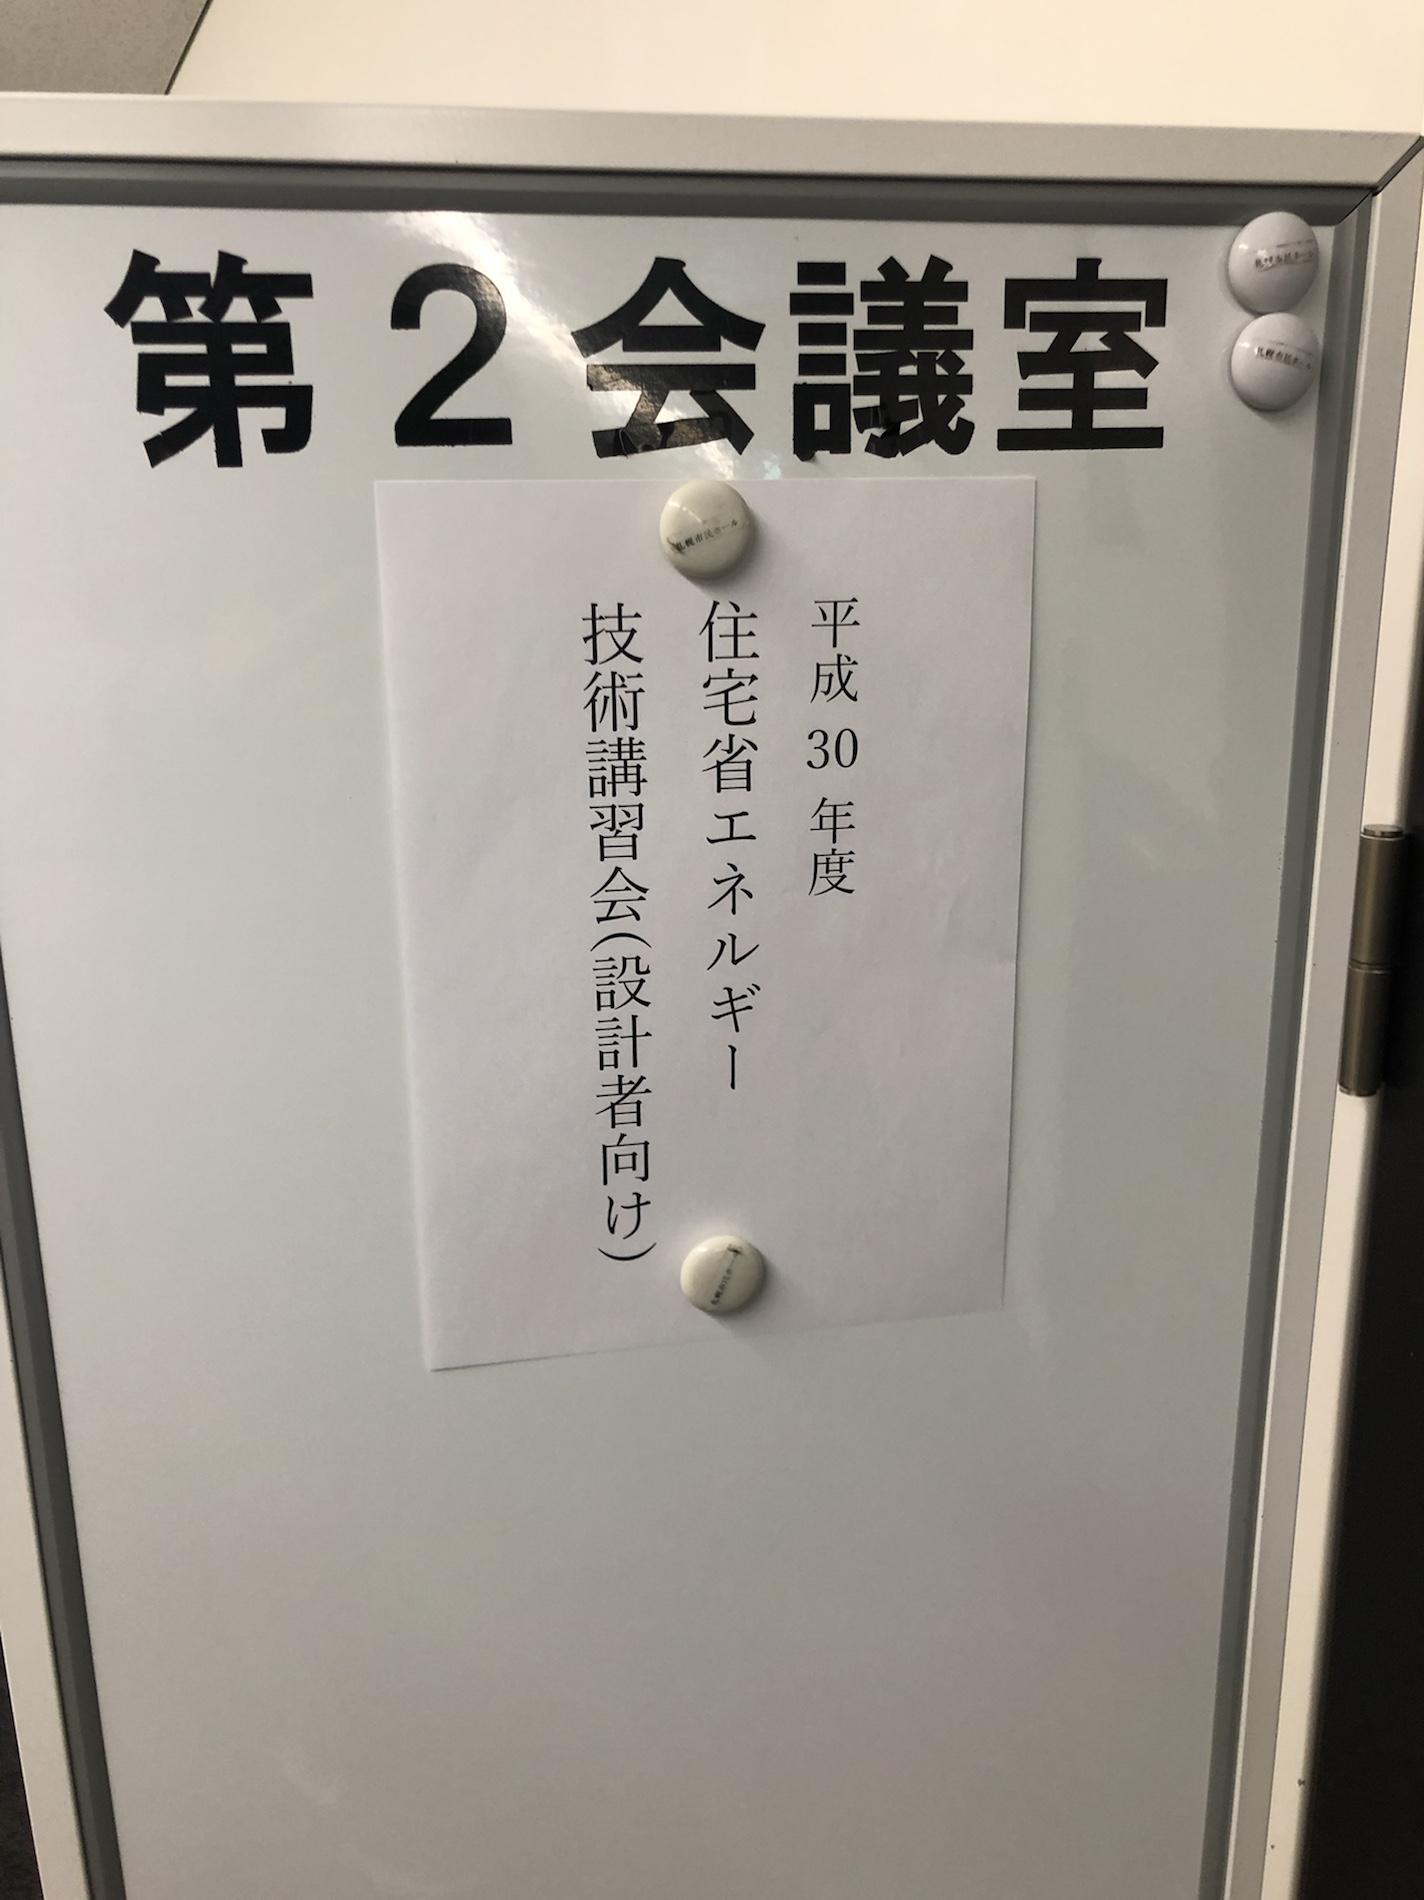 省エネ講習会に参加してきました。